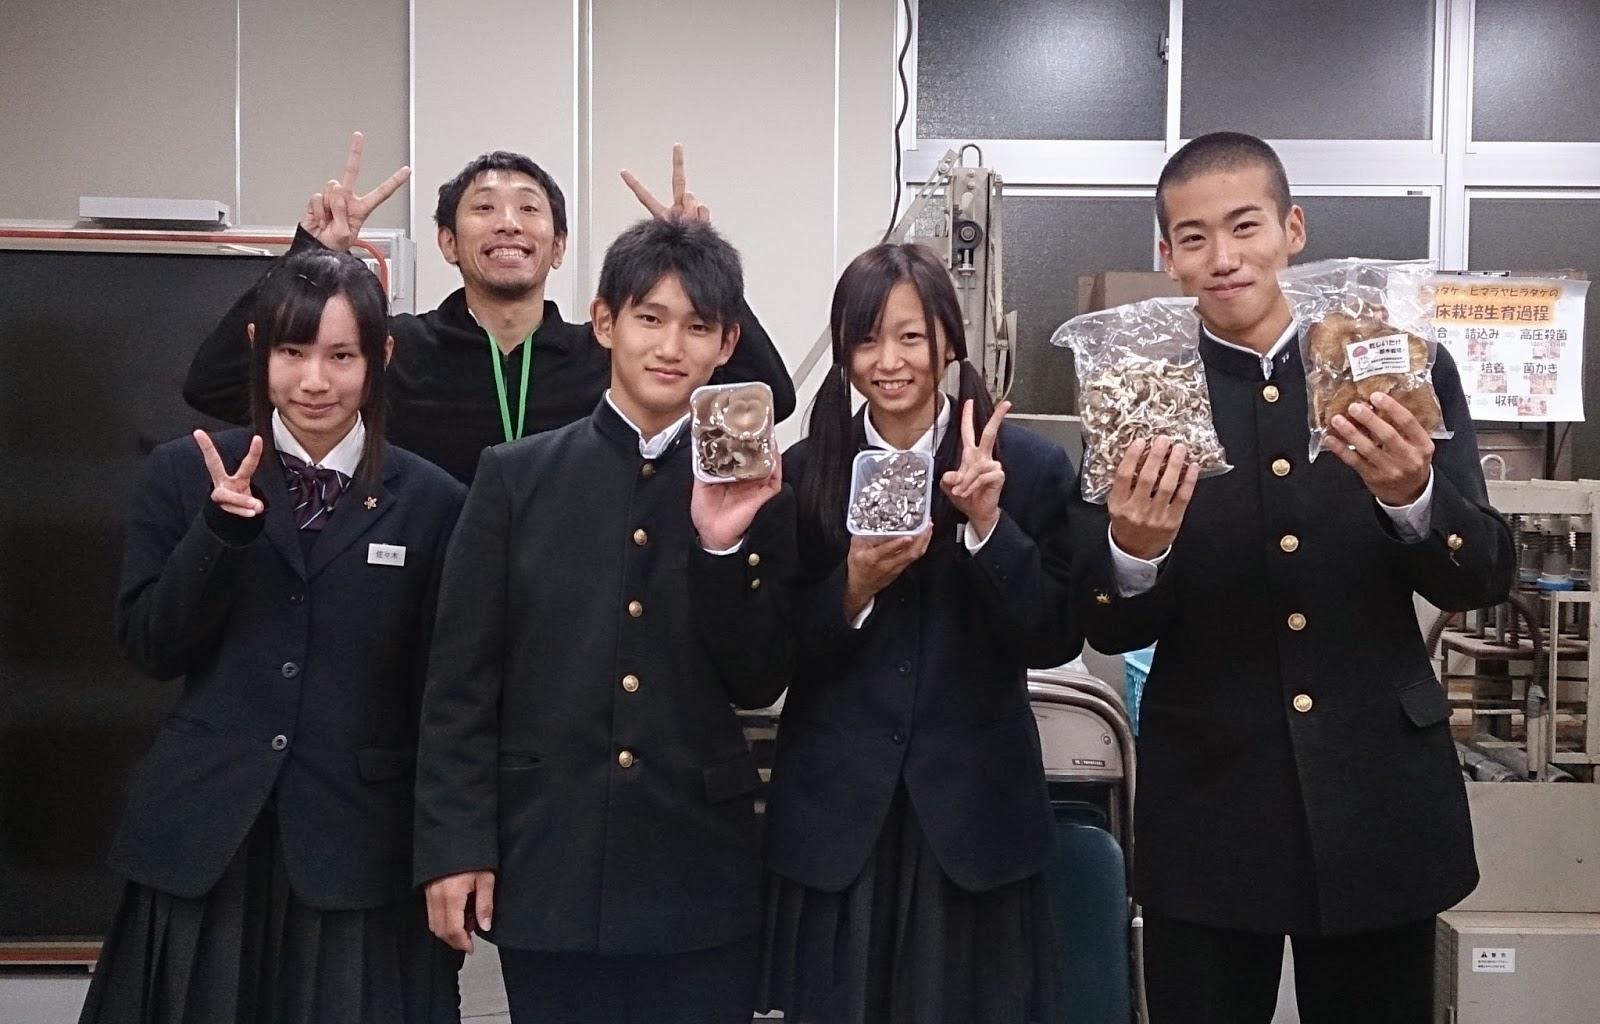 愛媛県立伊予農業高等学校 - Jap...